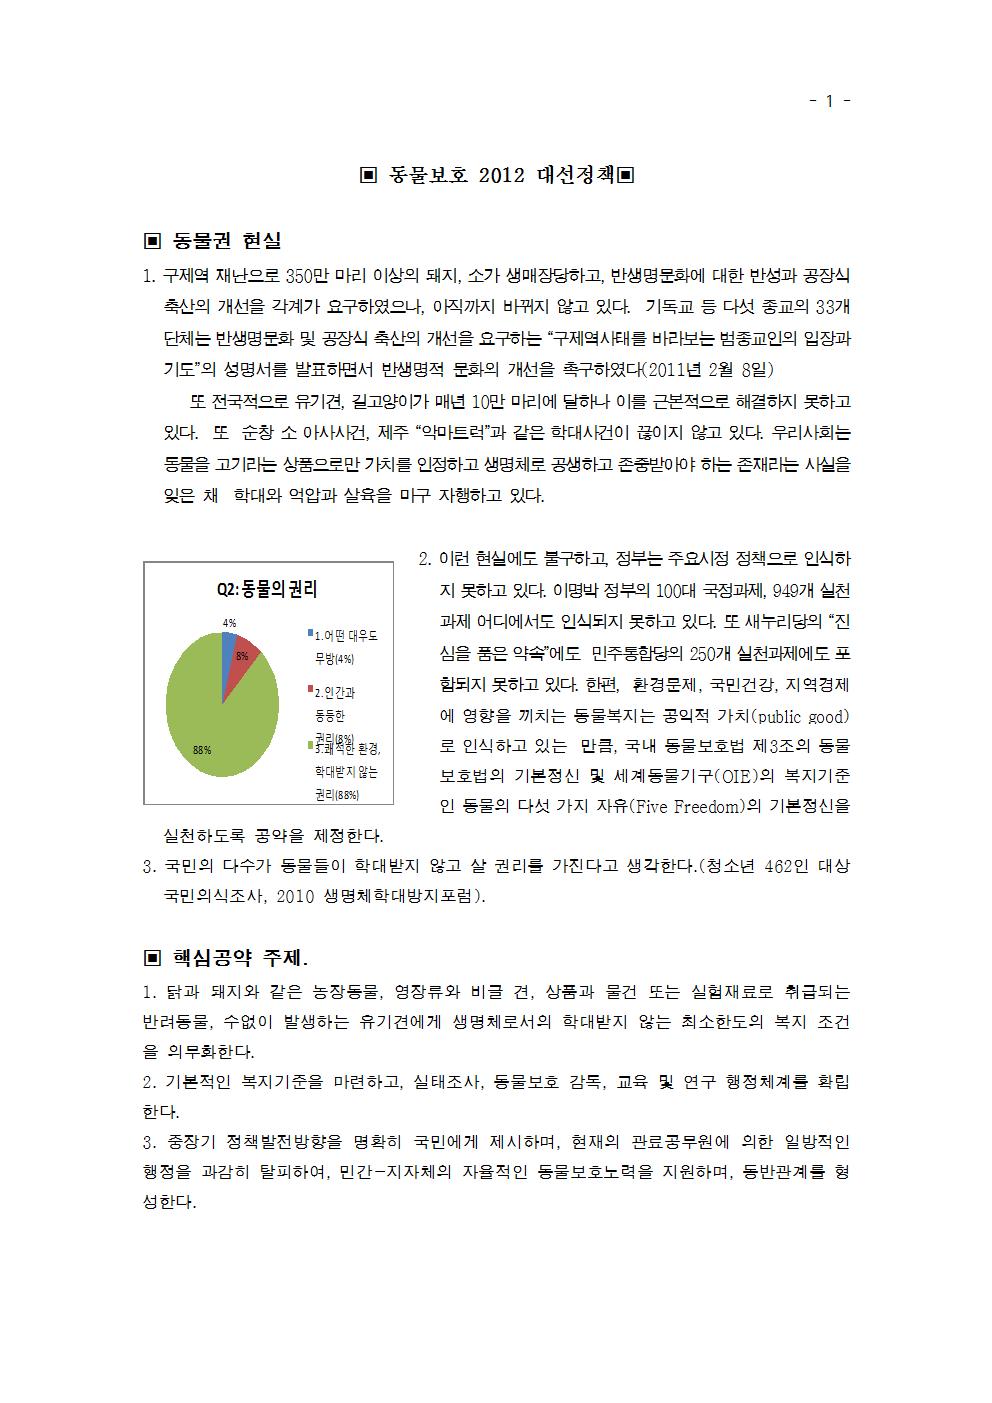 제안서_2012_대선3후보_게시_단축004.png